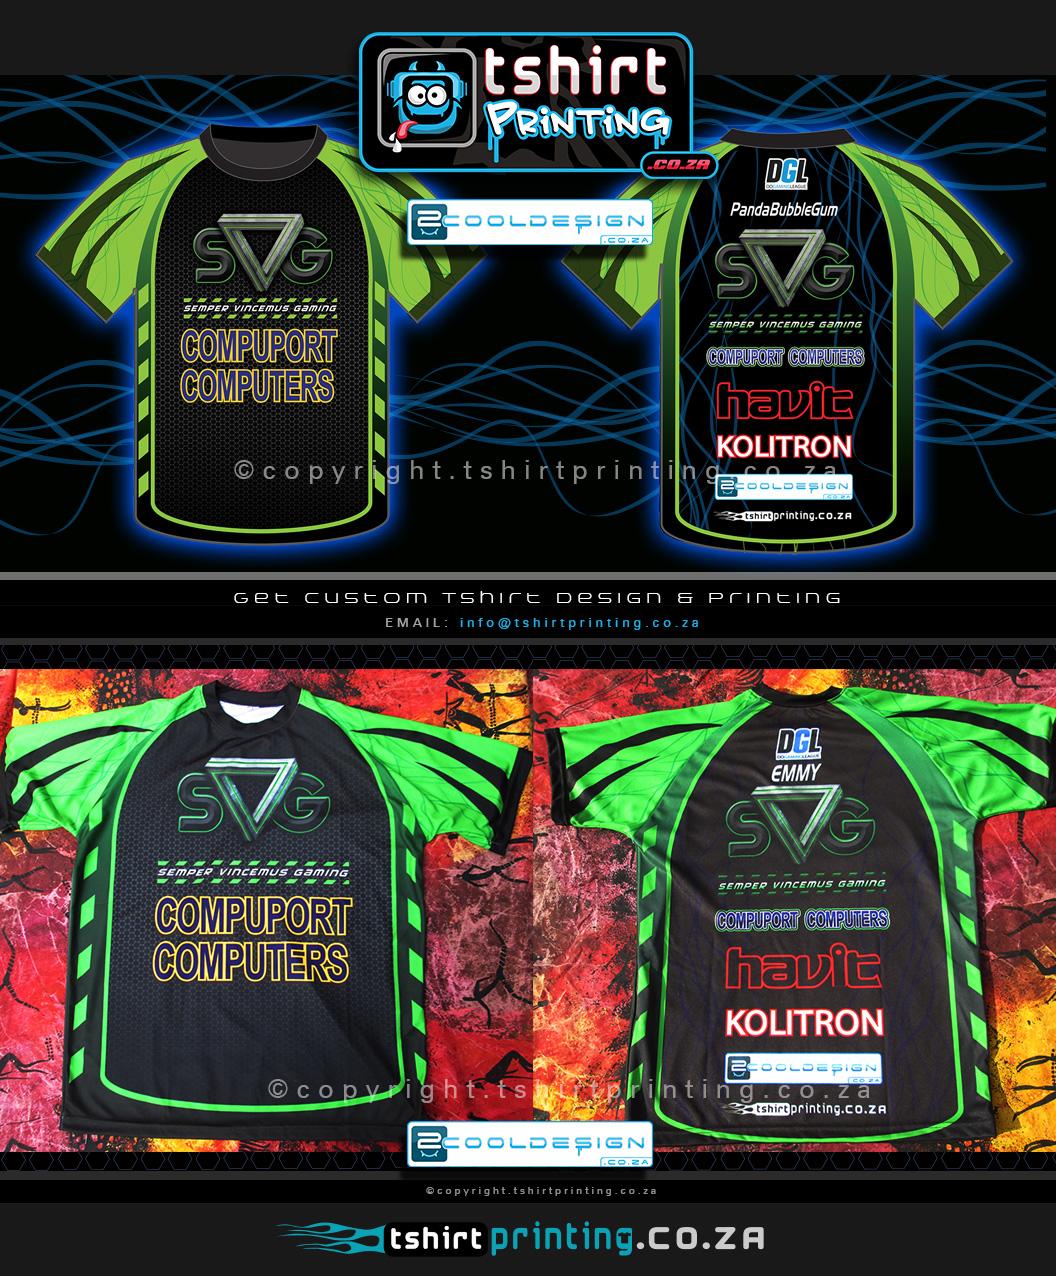 Sublimation-tshirt-printer-gamer-tshirts-2014-tshirtprinting-2cooldesign-custom-tshirt